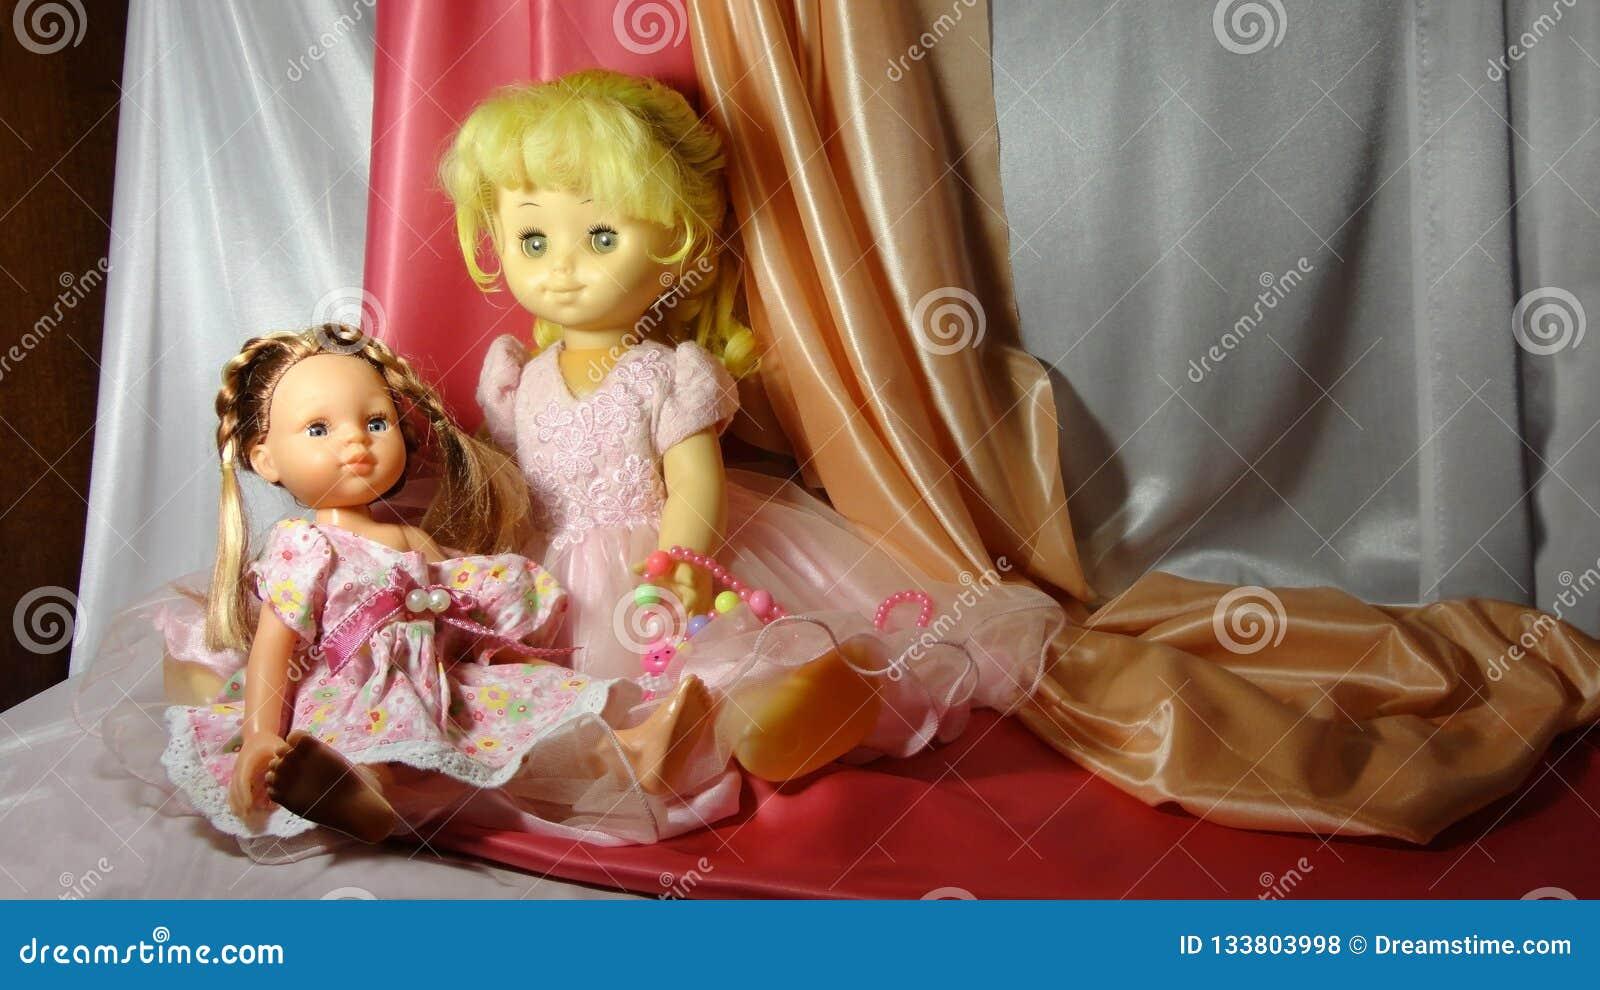 Rosa do jogo do cosiness da casa da menina do vestido da boneca dos brinquedos das bonecas